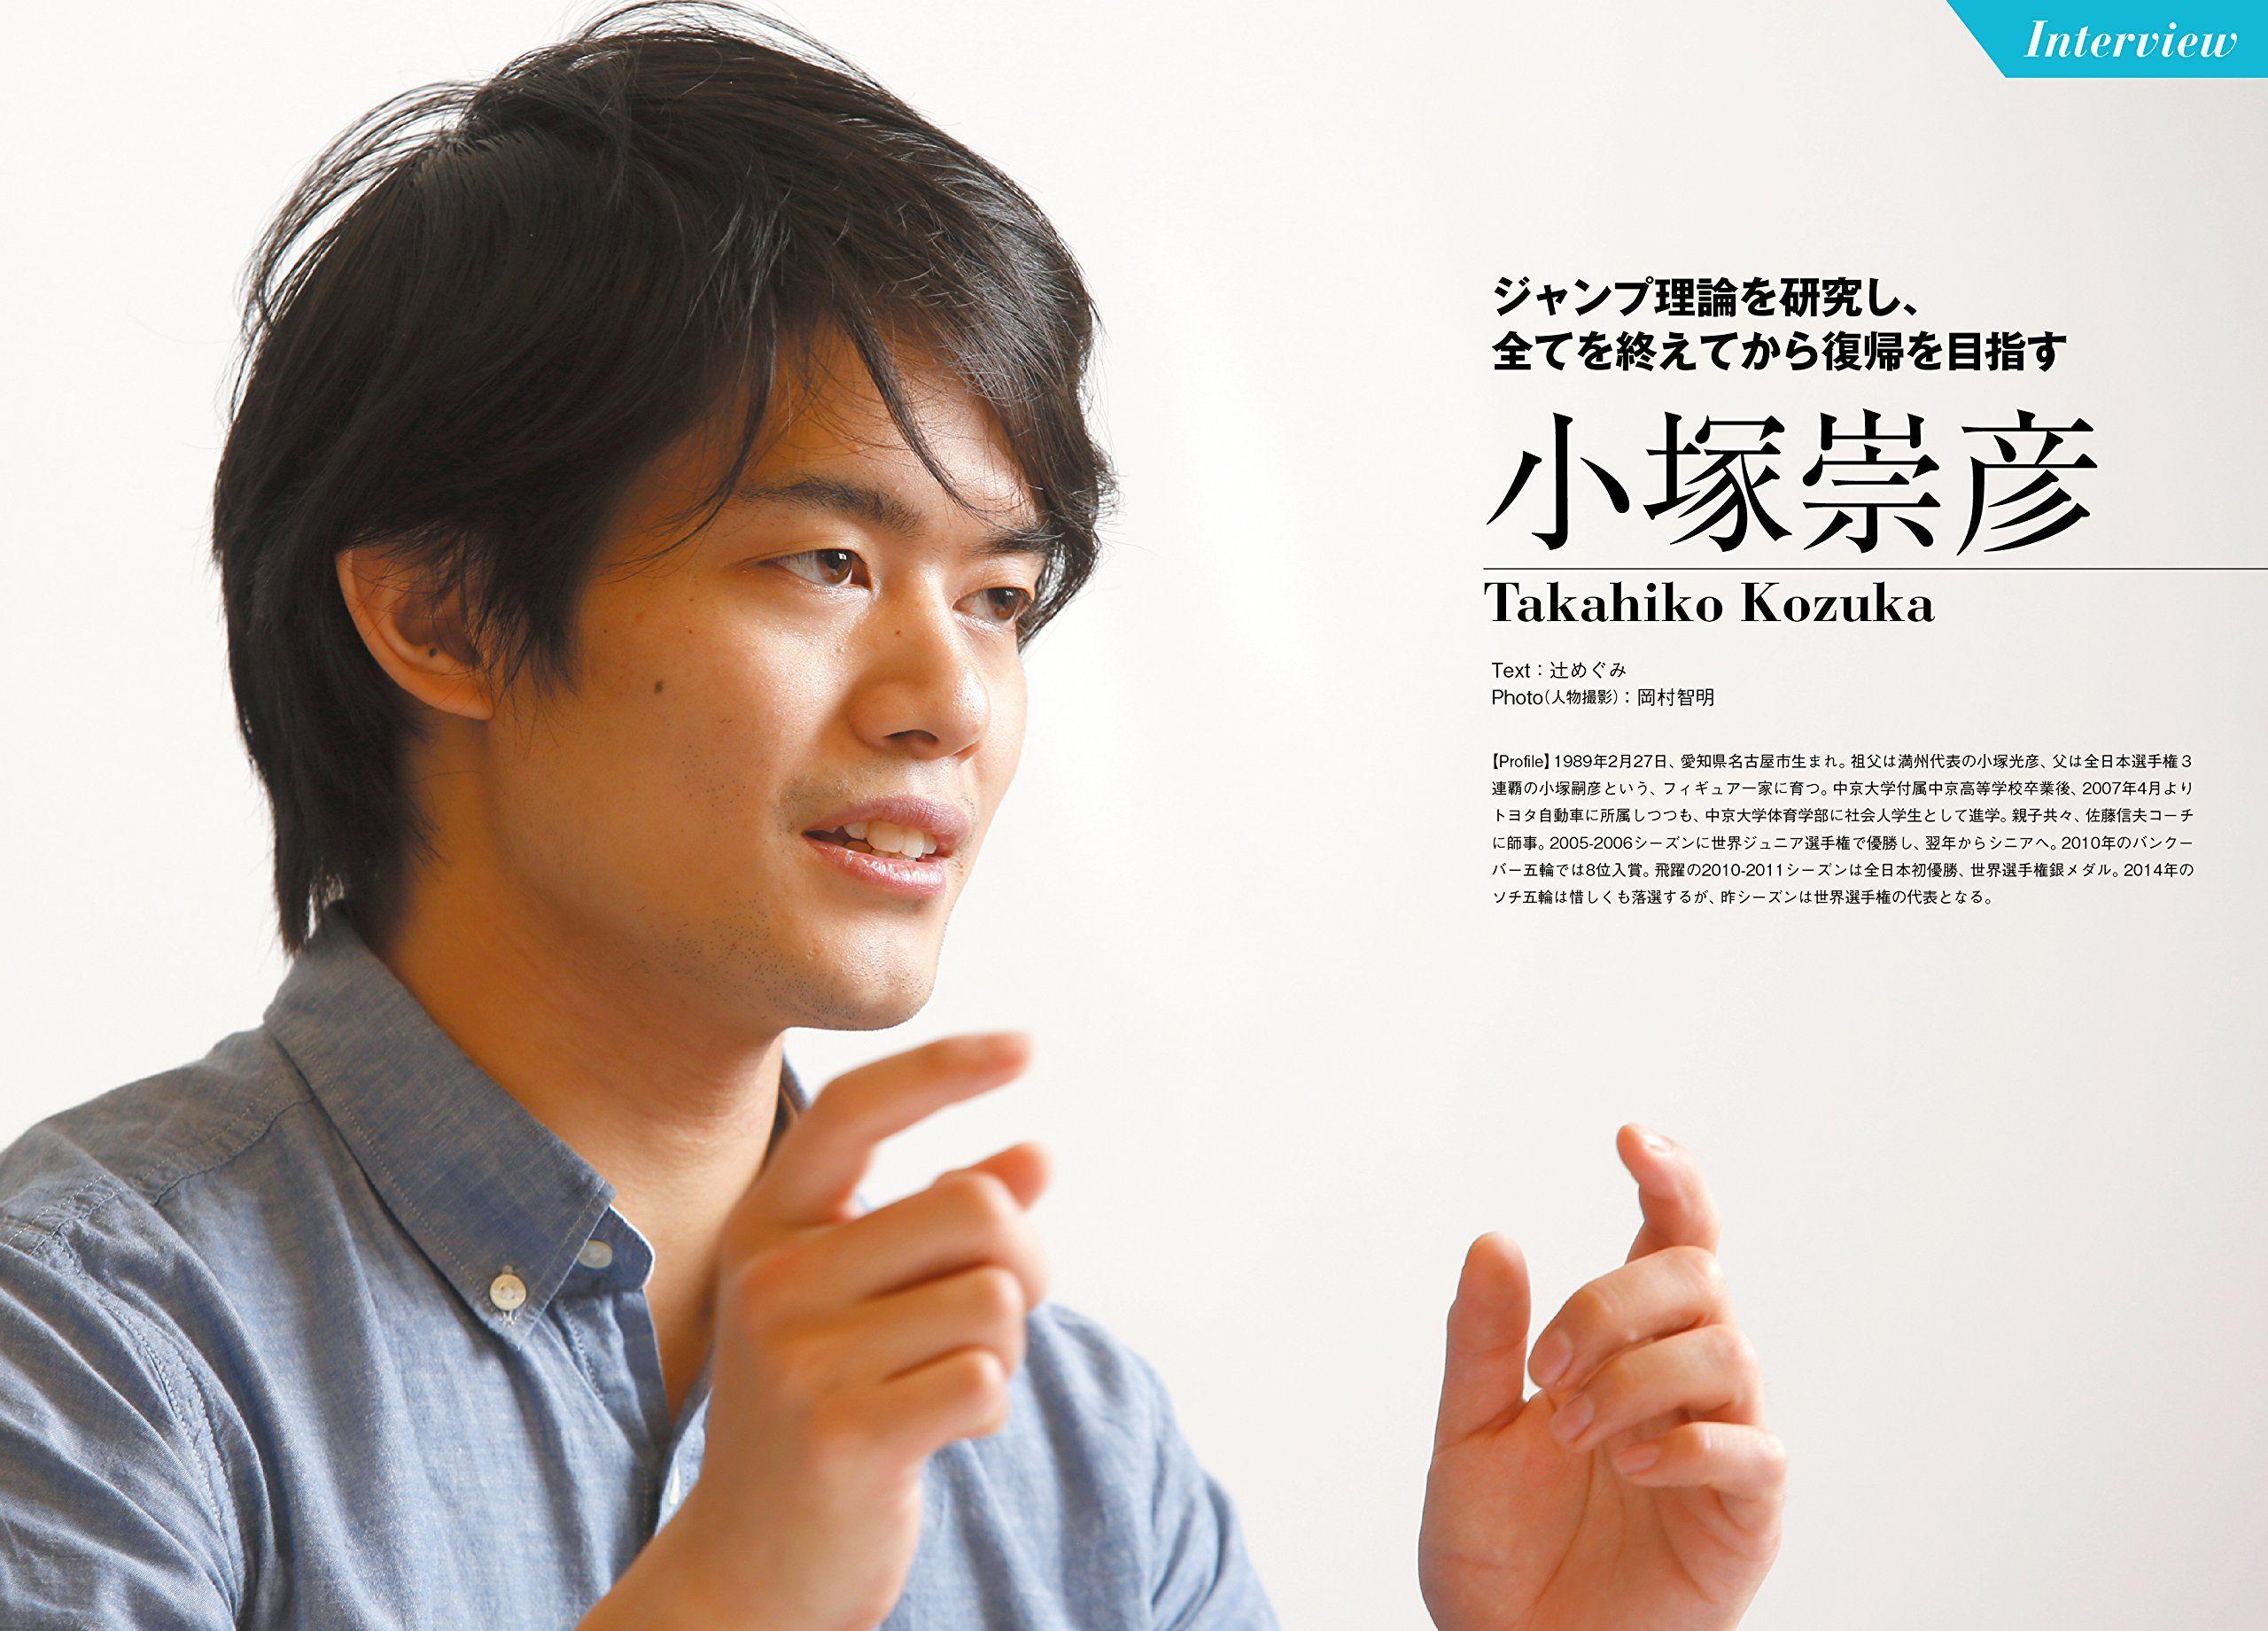 (2560×1841) フィギュアスケートサミット 2015-2016 日本男子の展望  http://www.amazon.co.jp/dp/4862553036/ref=cm_sw_r_tw_dp_qThKvb1THNSBN